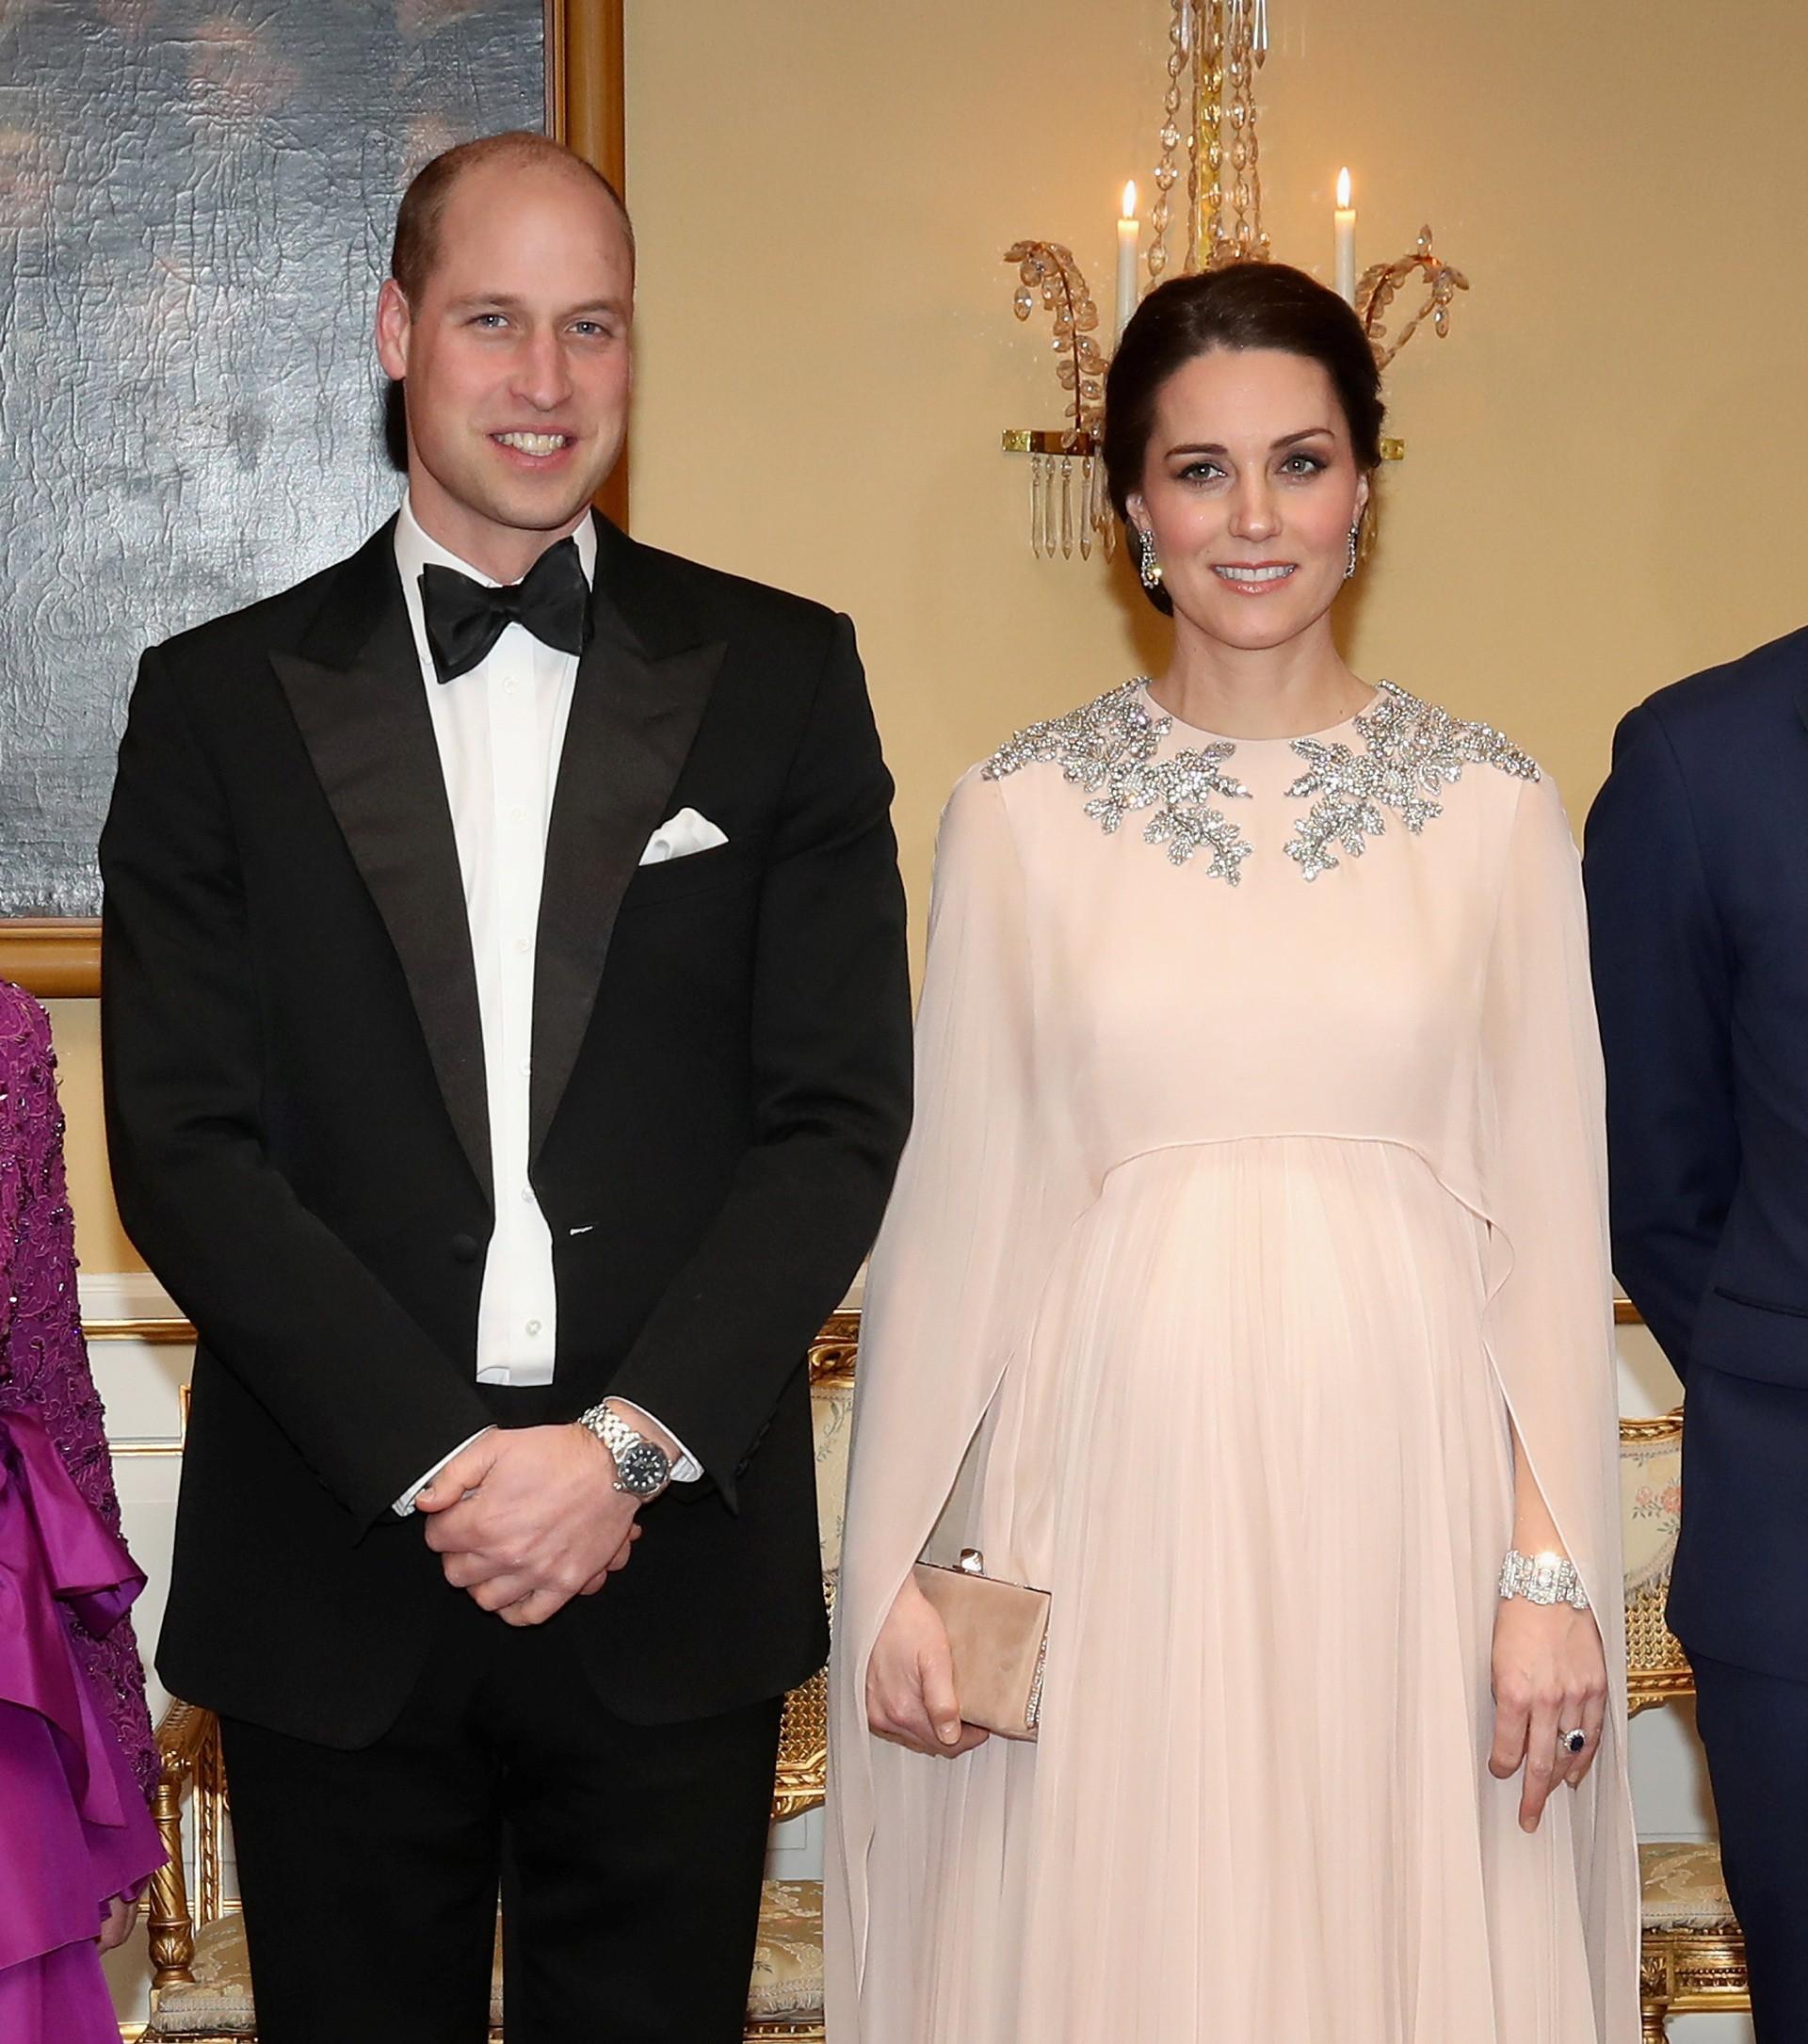 Chênh nhau có 1 tuổi mà khi đụng hàng: Phạm Băng Băng và Kate Middleton lại khác nhau quá đỗi - Ảnh 1.